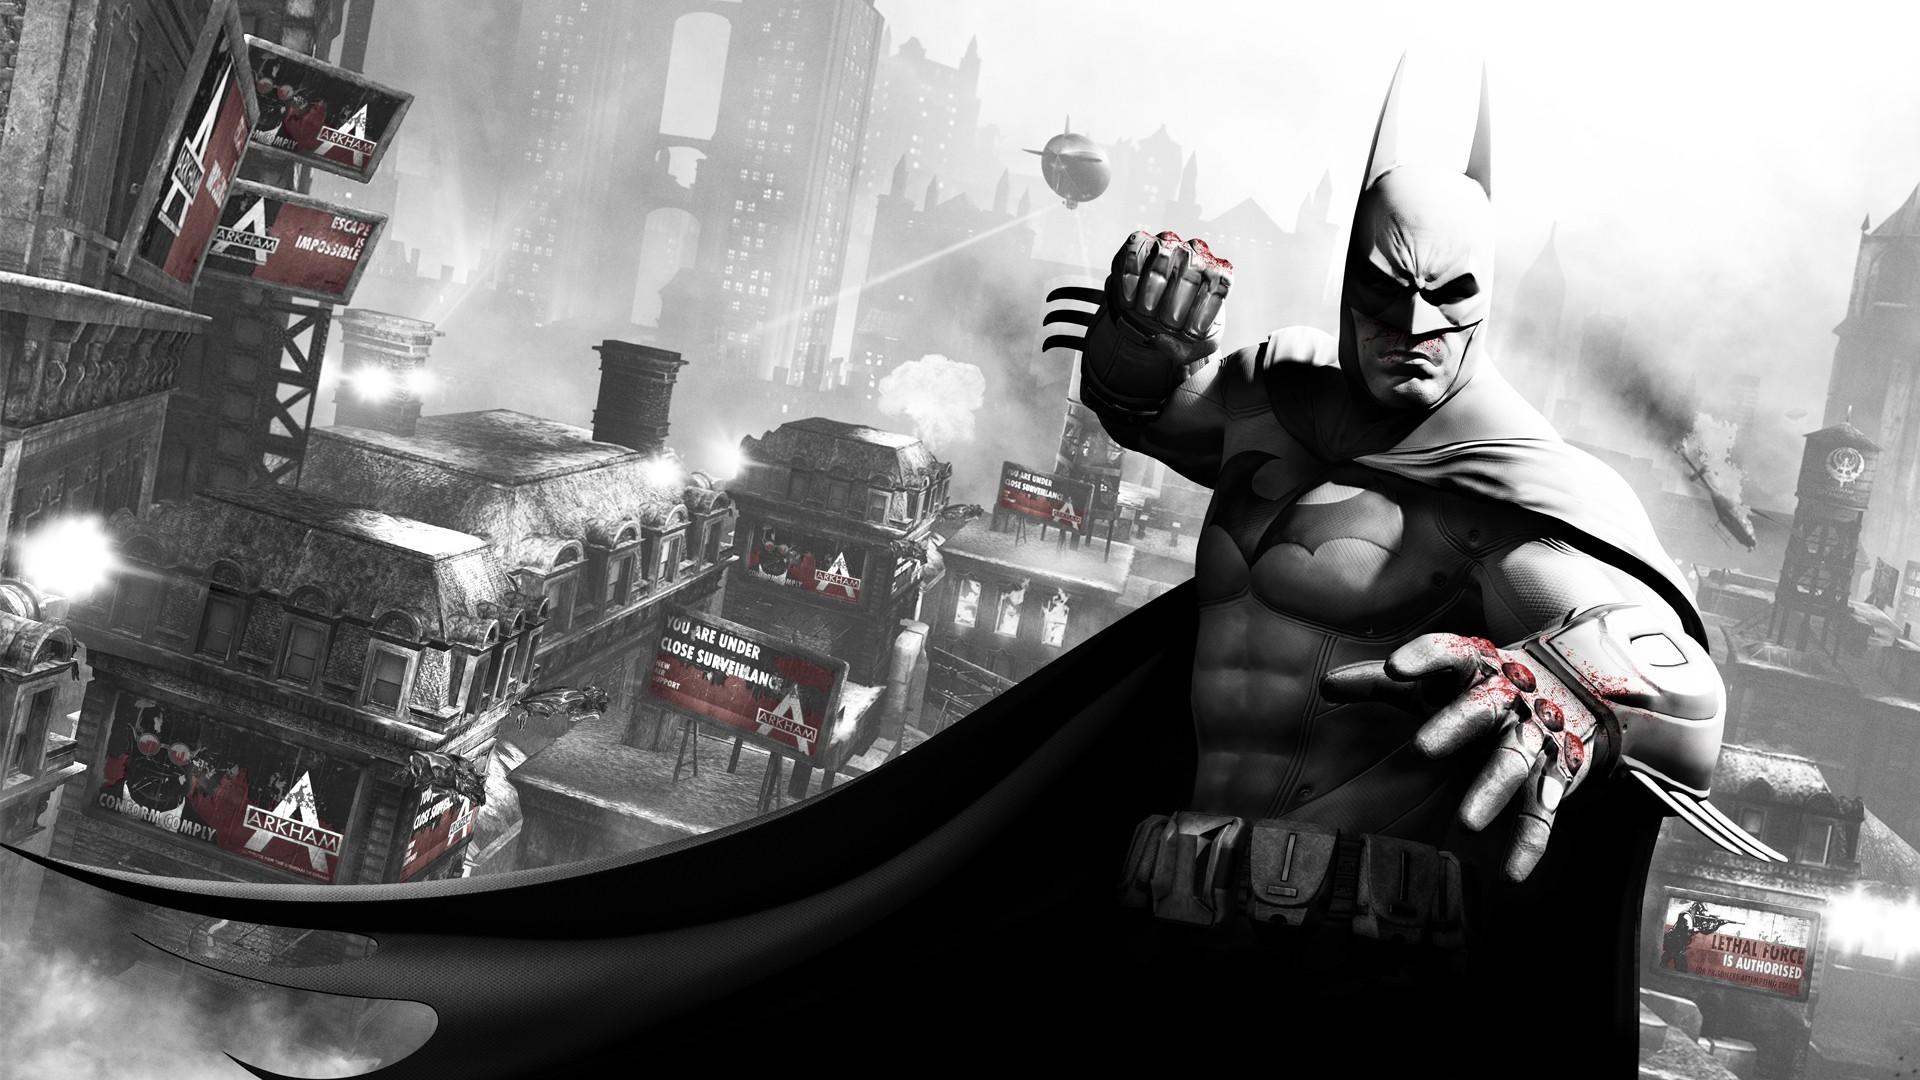 Batman Arkham City Wallpaper Games HD Desktop Wallpapers 1920x1080